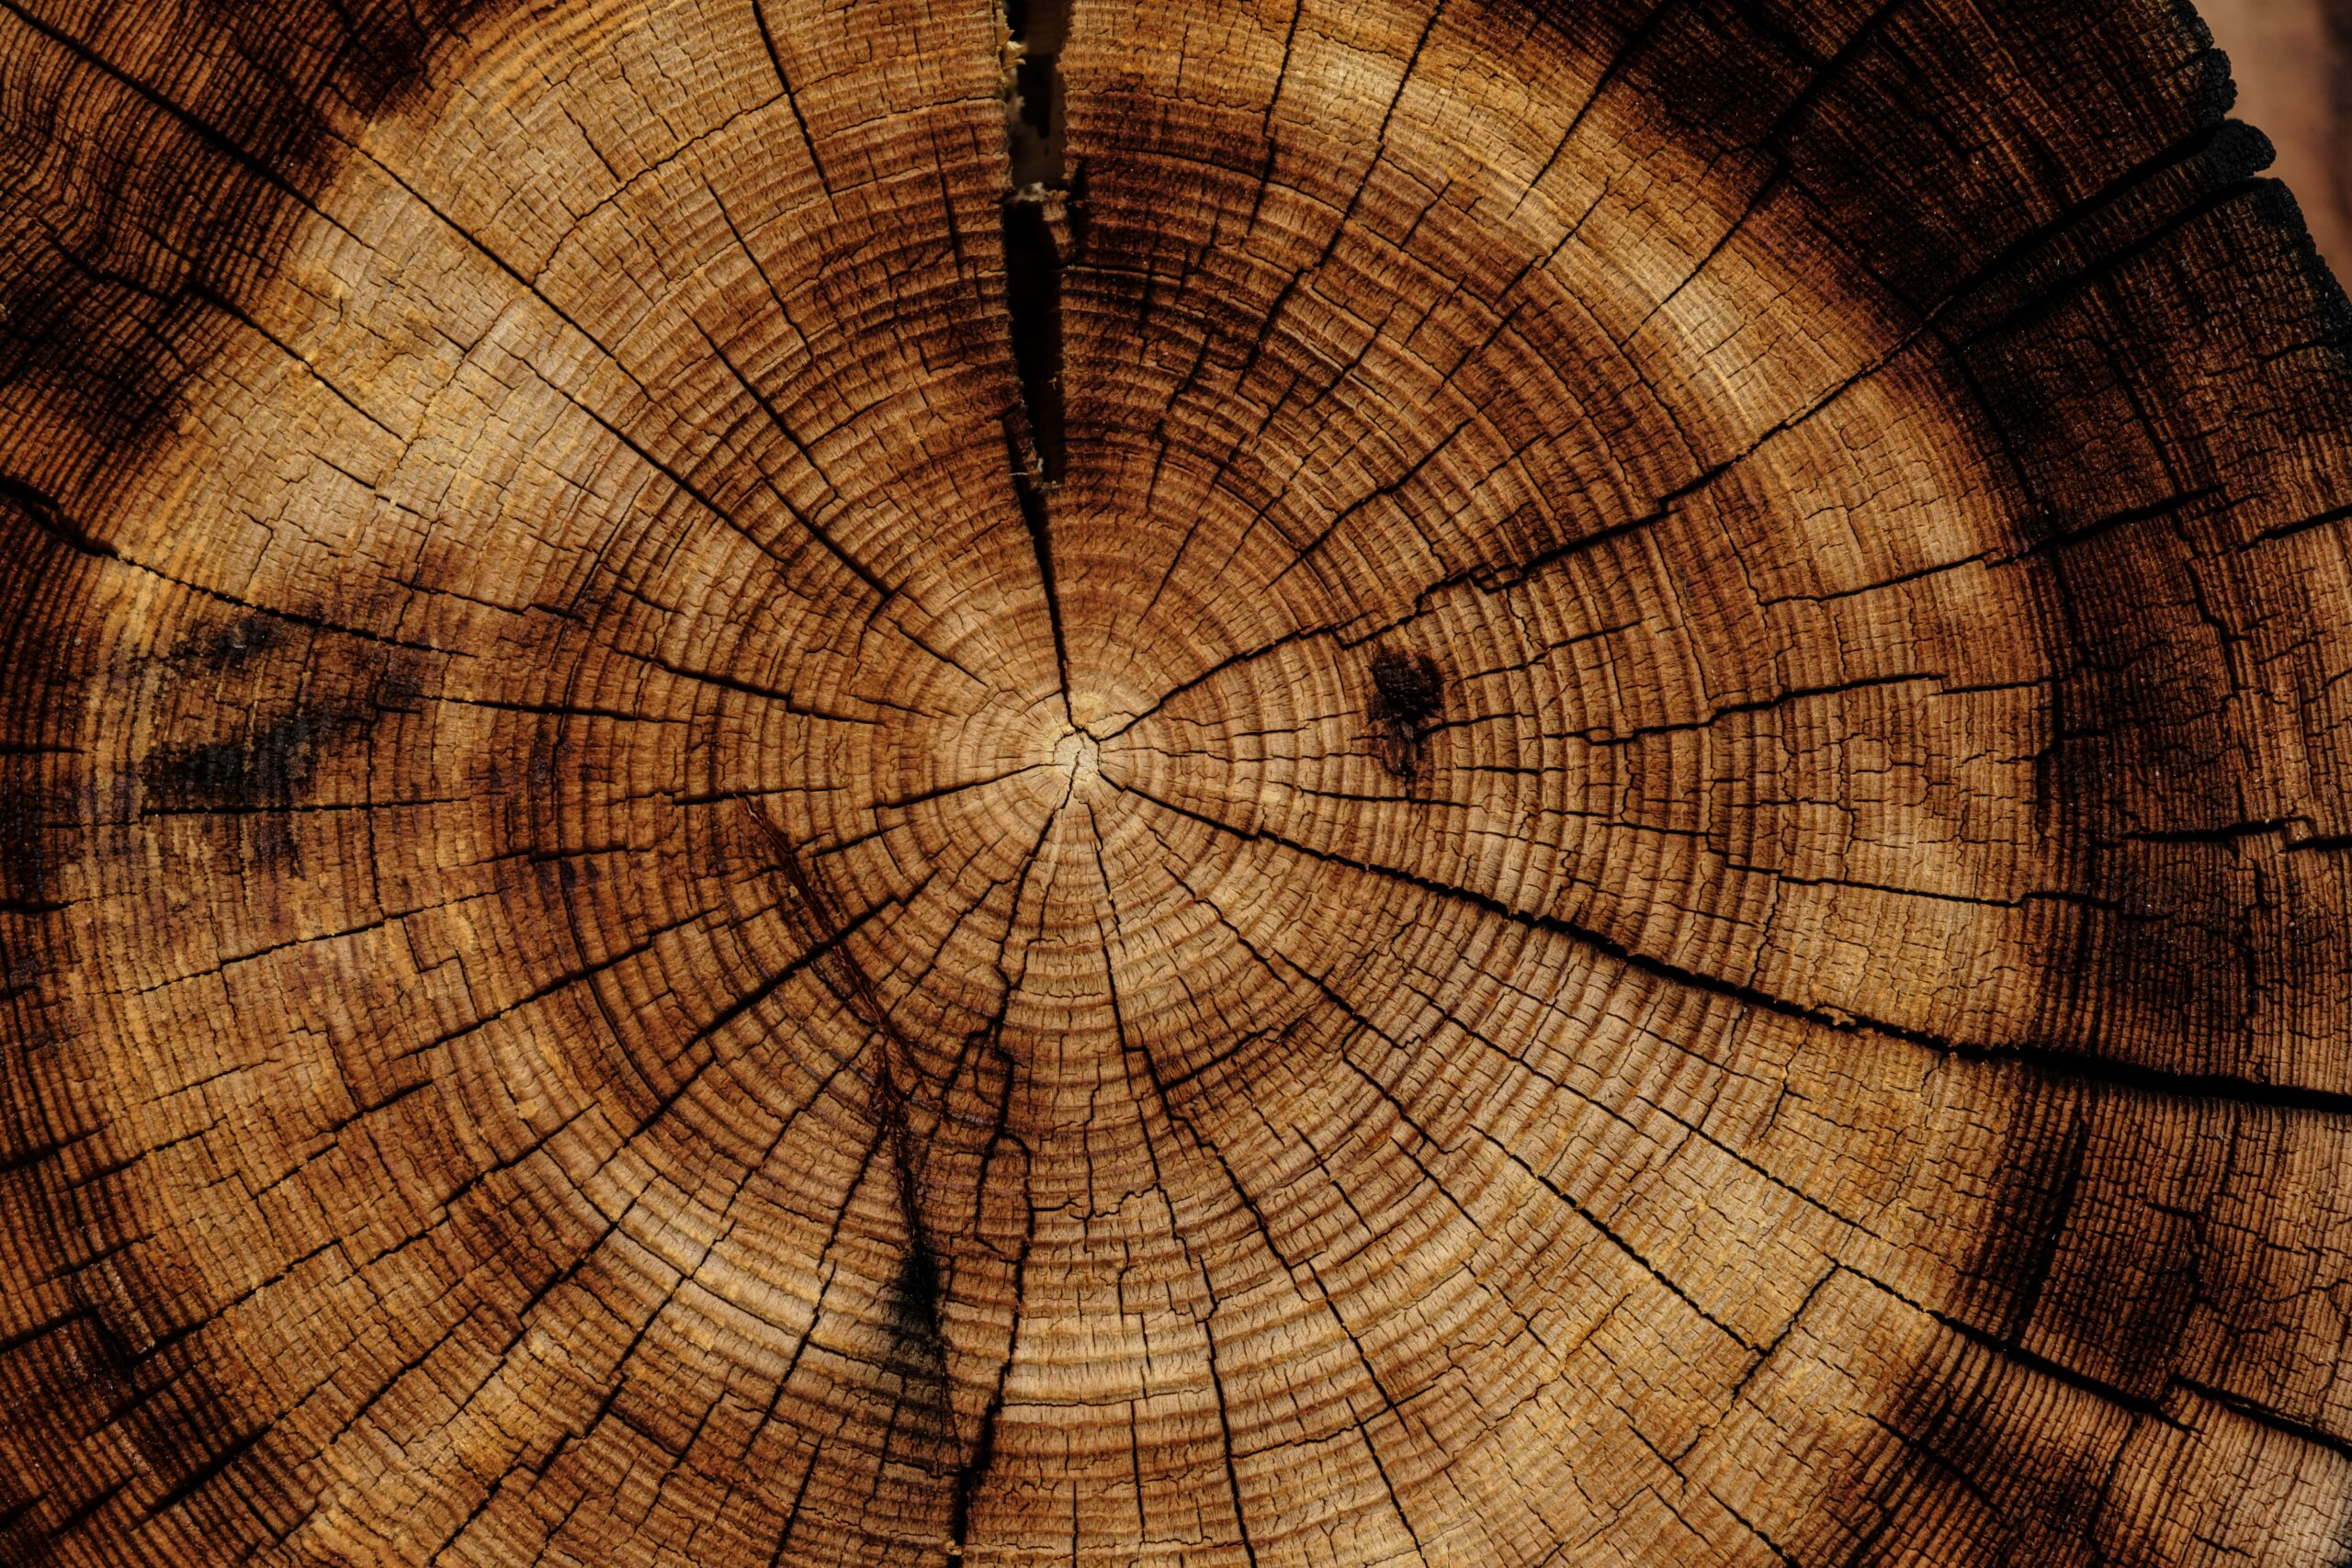 Cupola geodetica in legno: perchè (forse) non è quella giusta